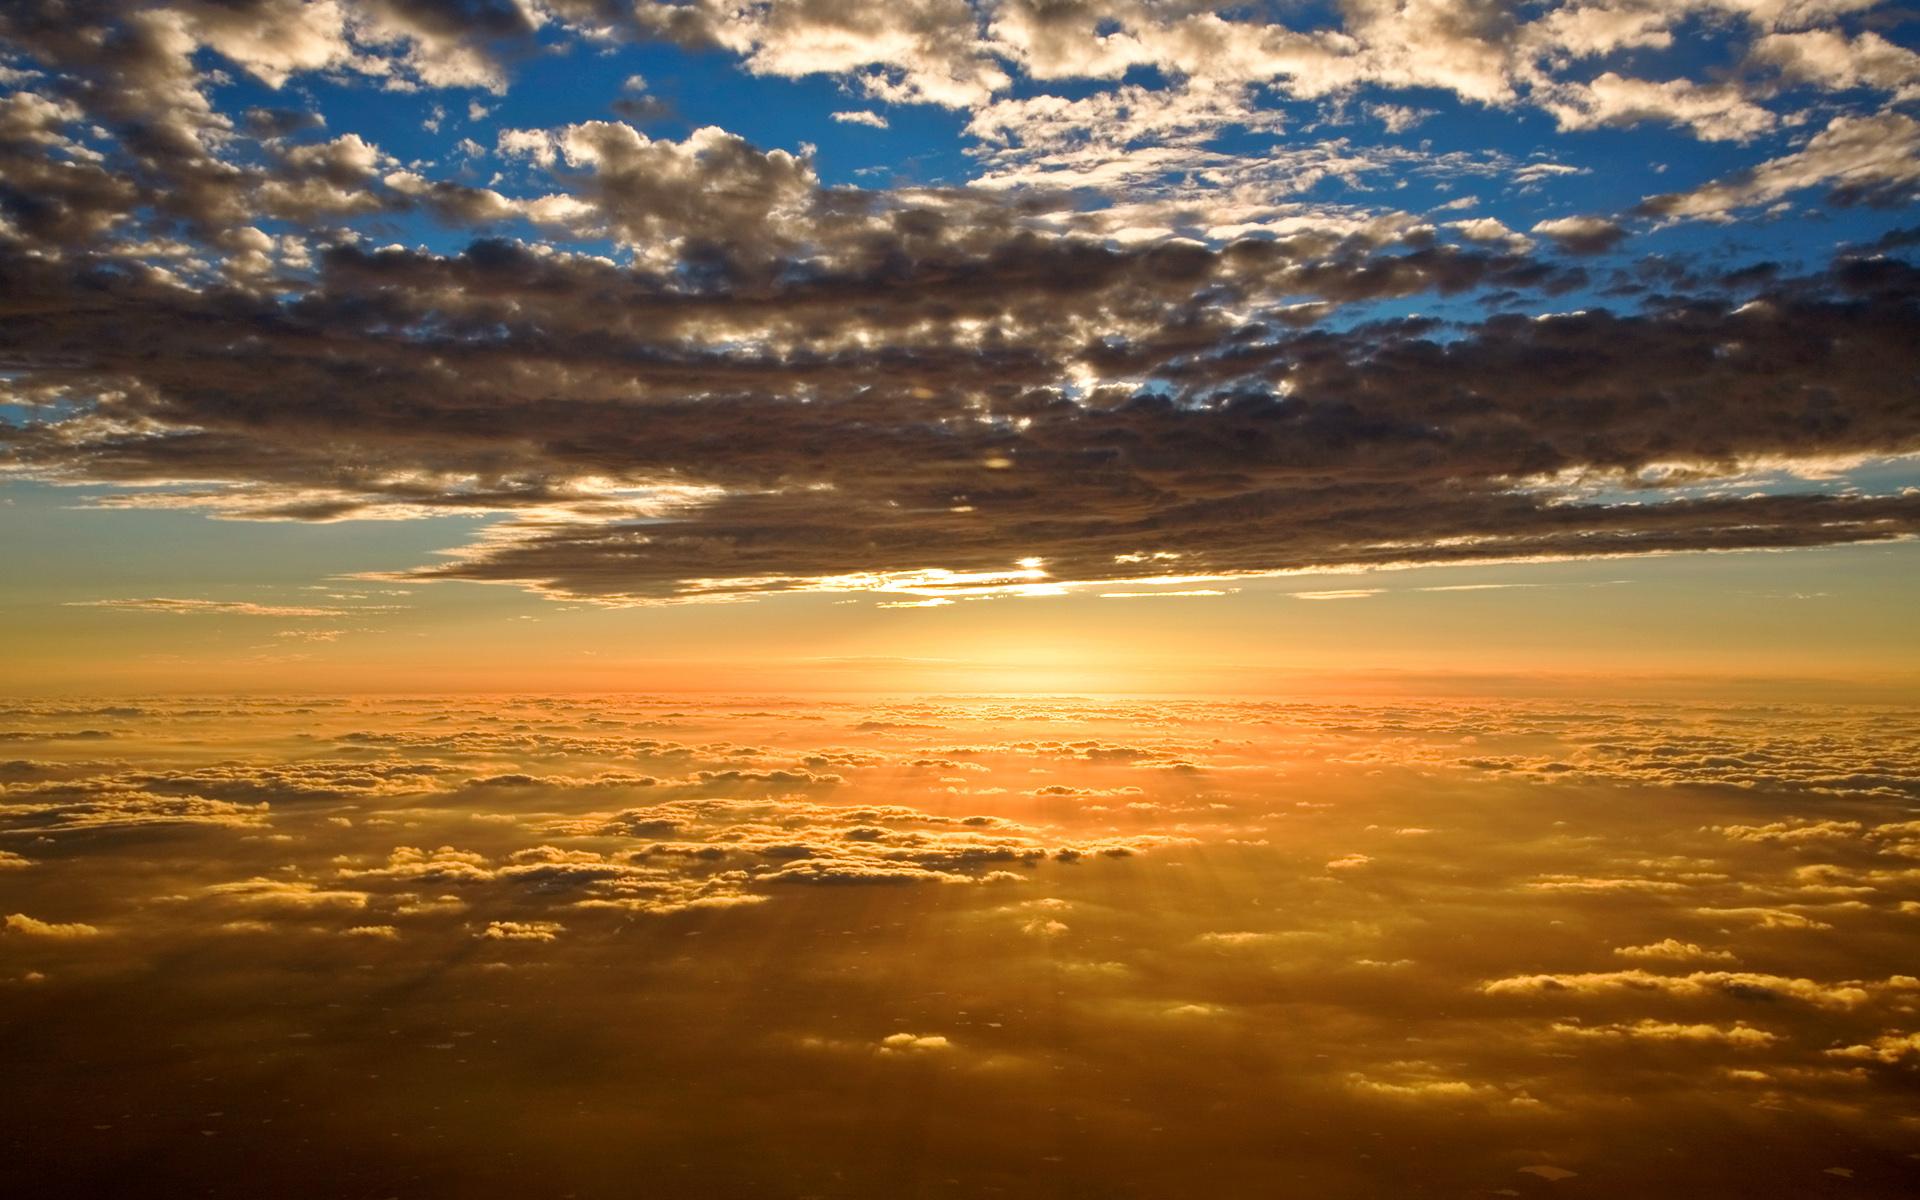 Download windows 7 sunset wallpaper HD wallpaper 1920x1200